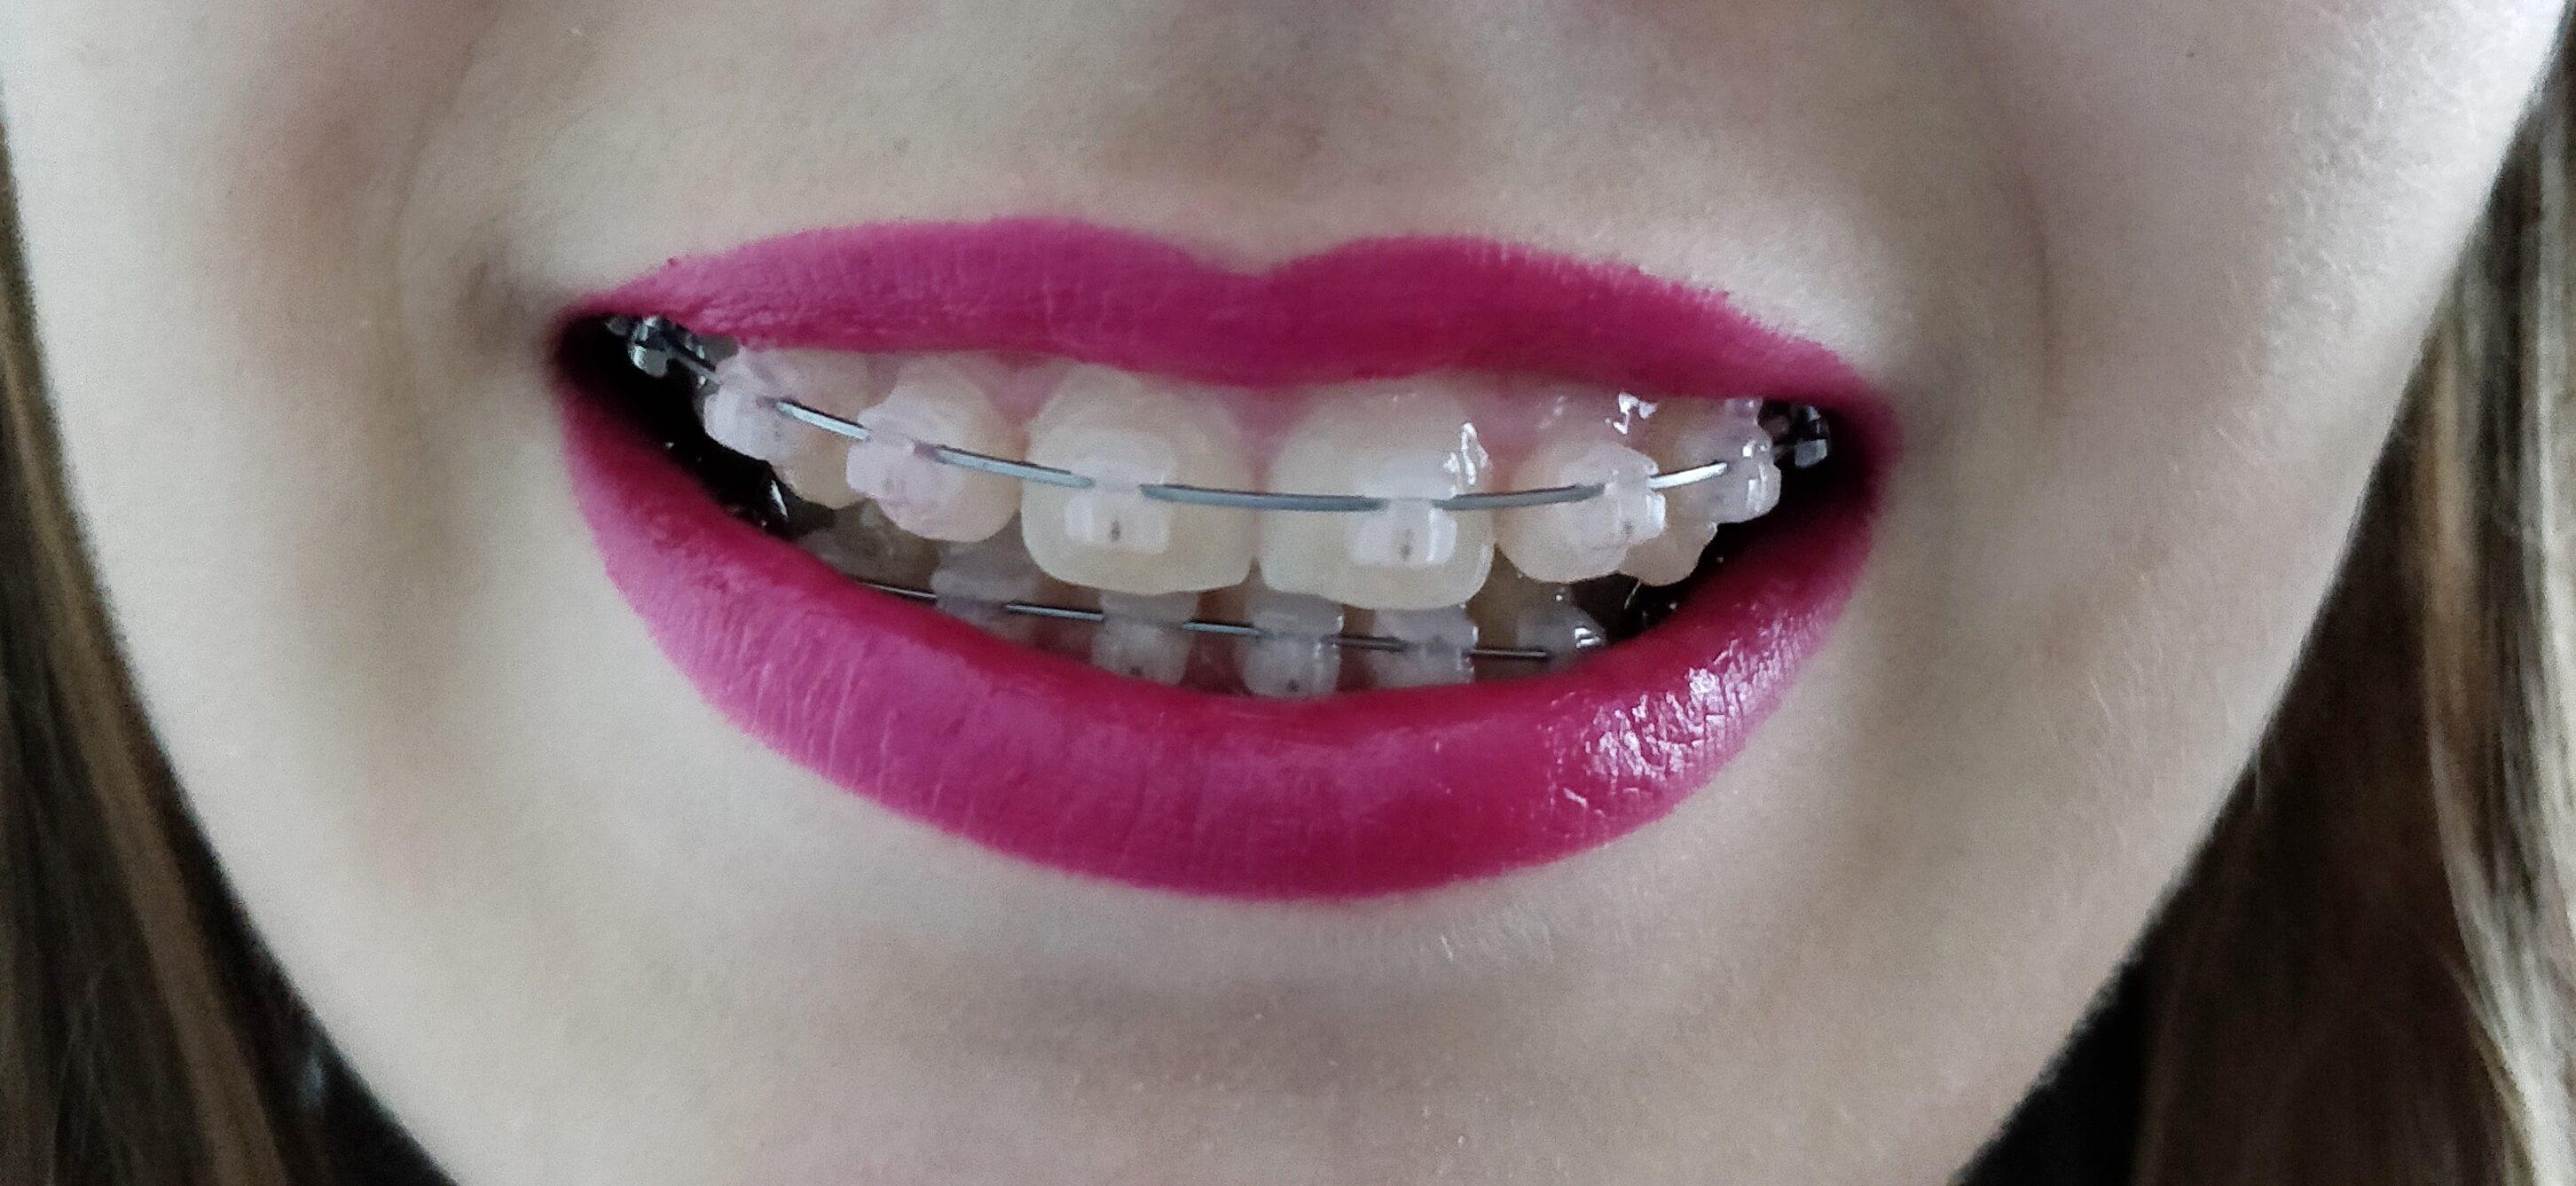 bagues appareil dentaire adulte - Porter un appareil dentaire quand on est adulte